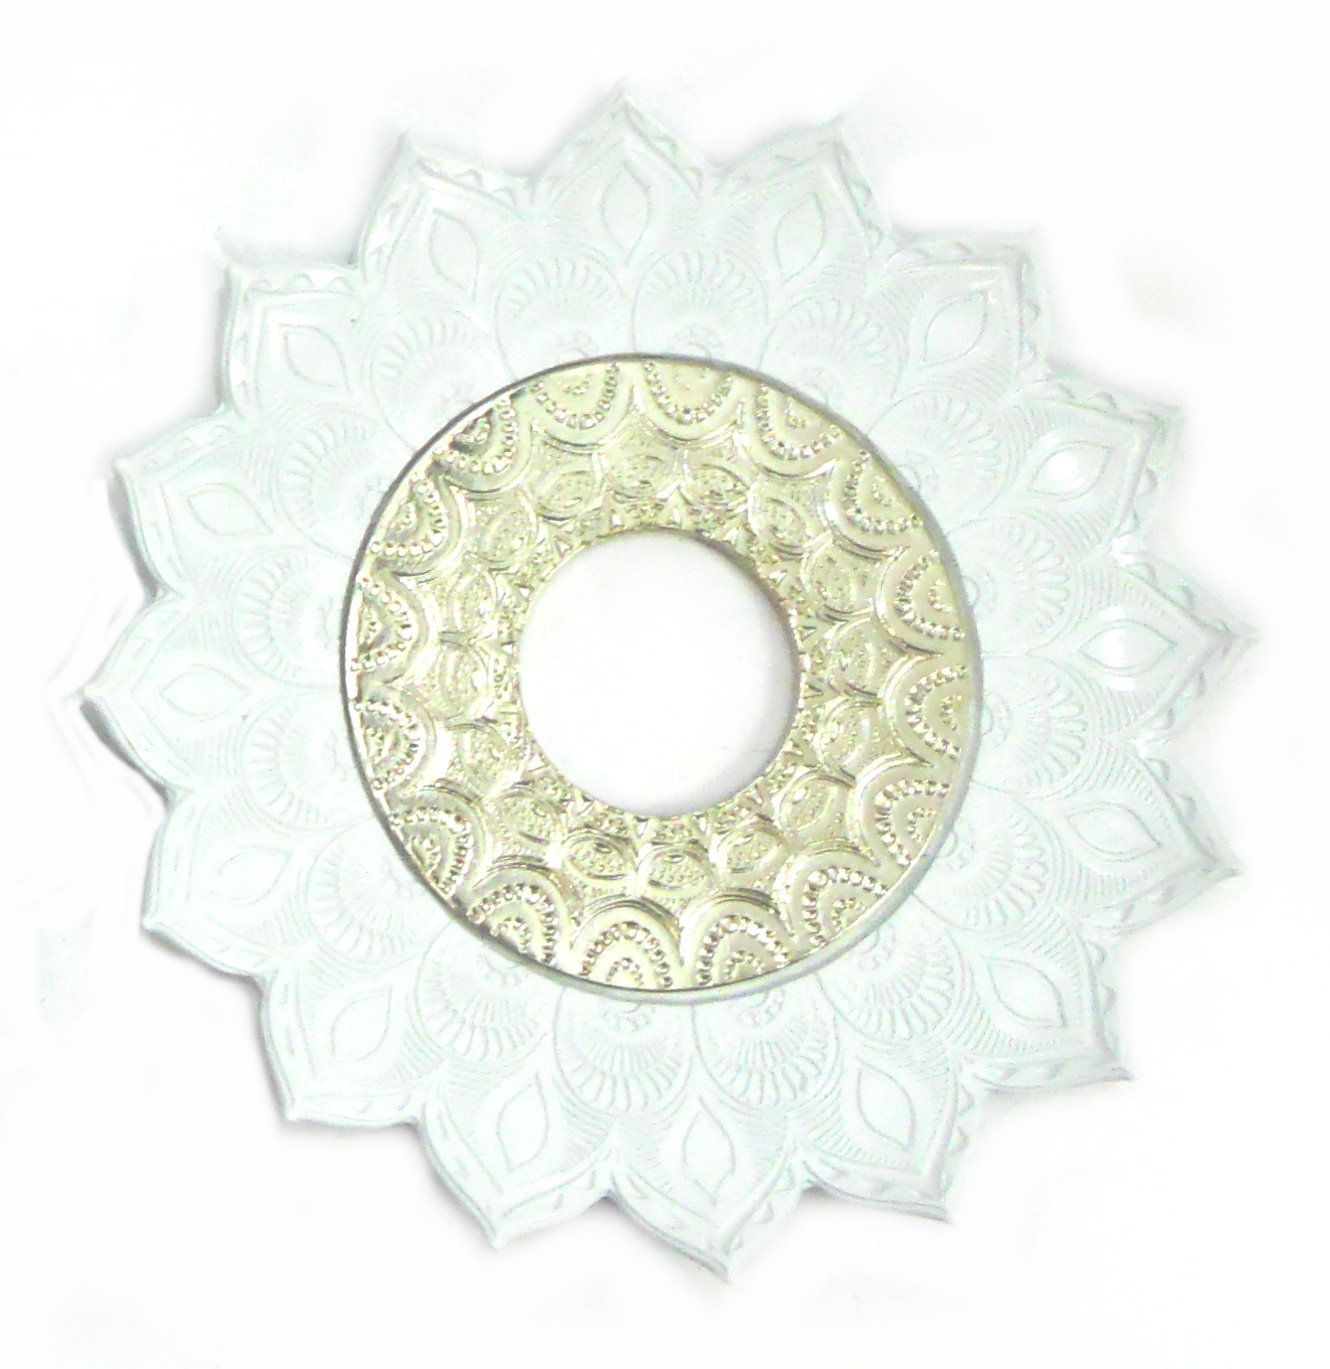 Prato para narguile mod. Artemis 17cm diâm. Em liga metálica inox e decorado. BRANCO centro Prata